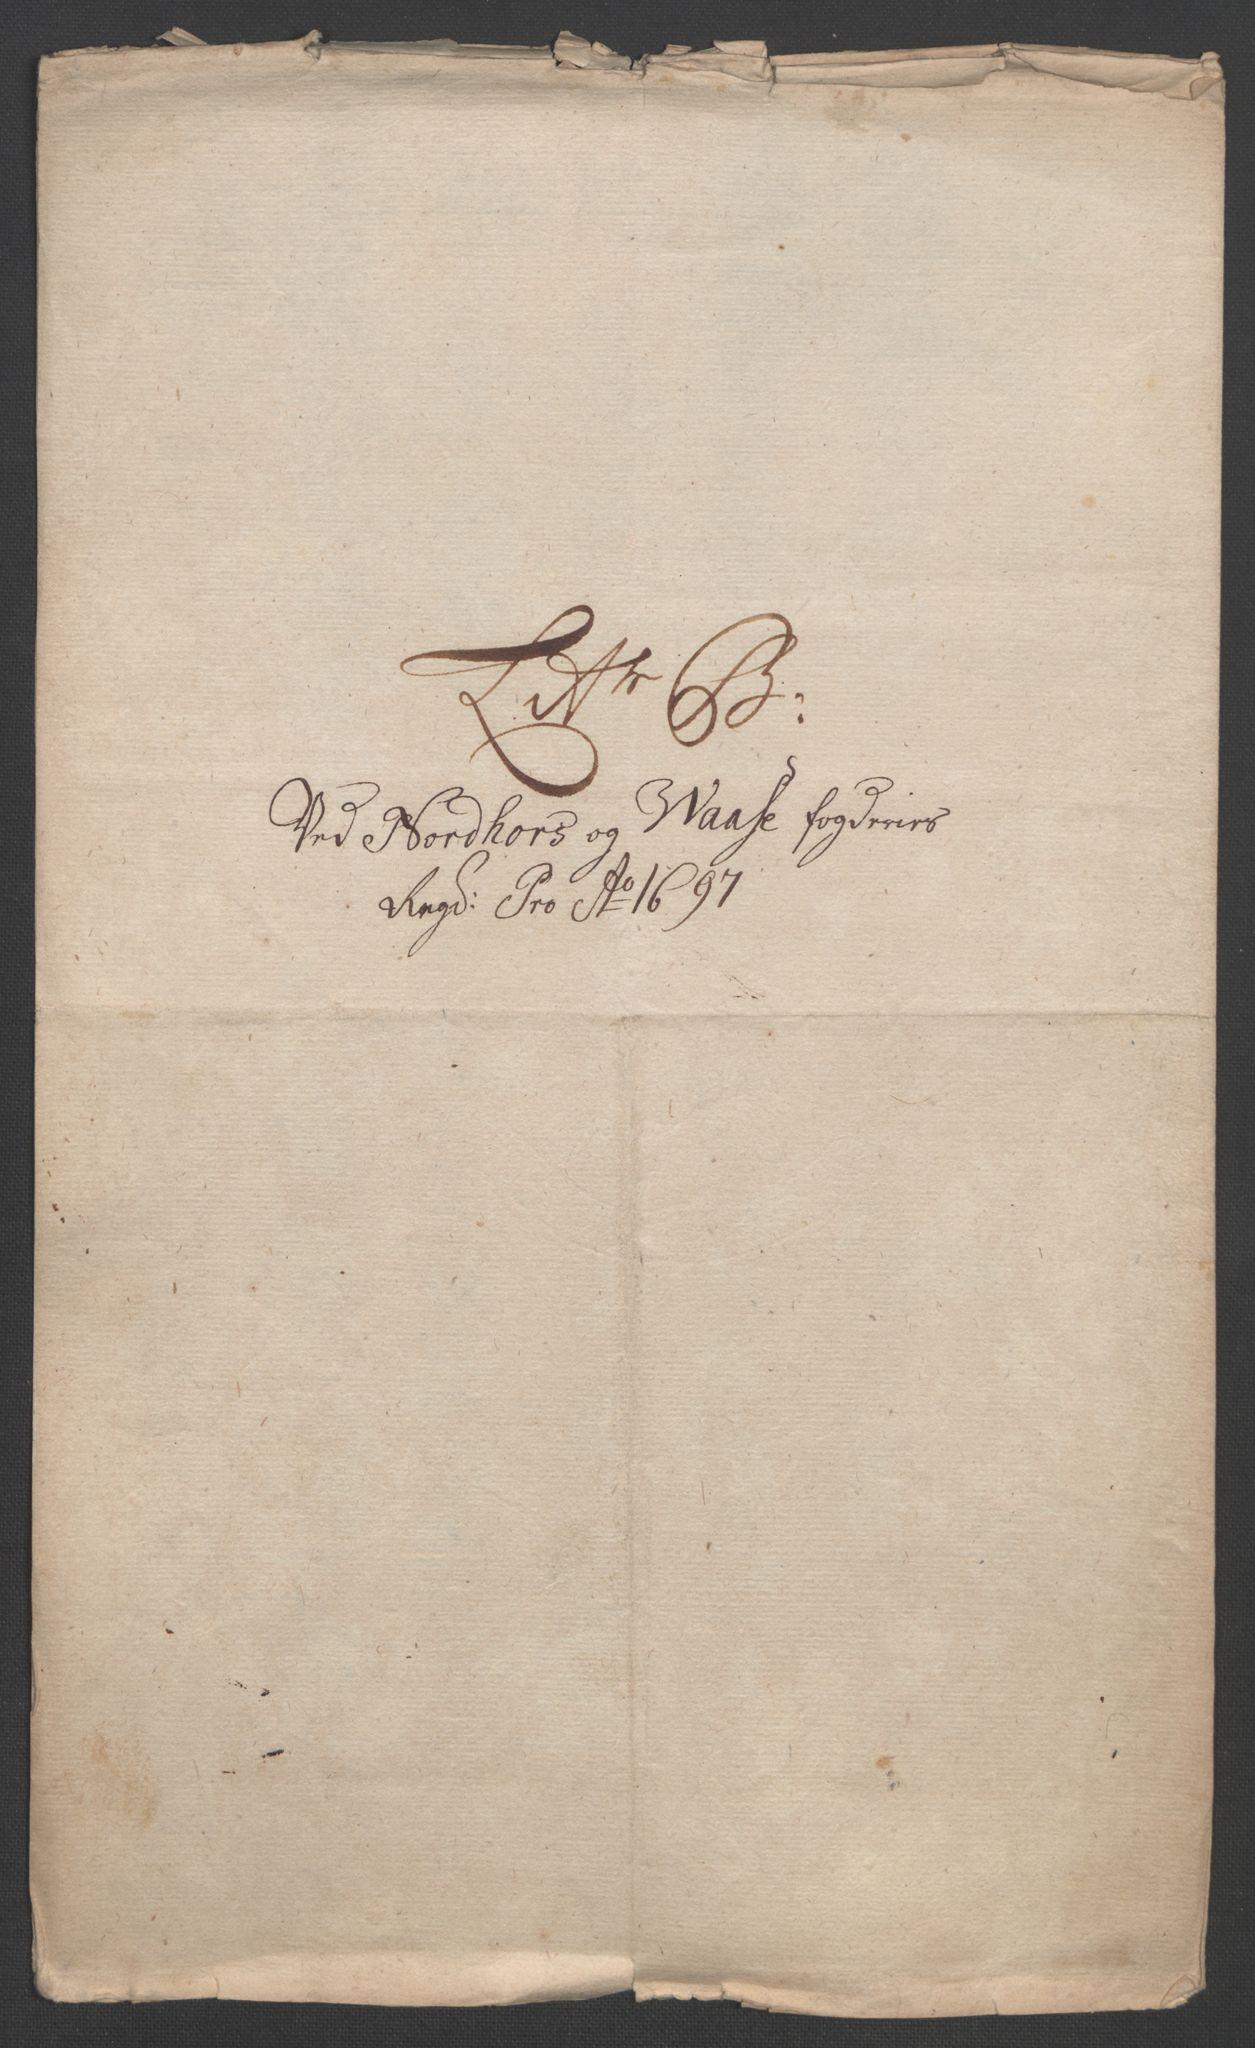 RA, Rentekammeret inntil 1814, Reviderte regnskaper, Fogderegnskap, R51/L3183: Fogderegnskap Nordhordland og Voss, 1695-1697, s. 433